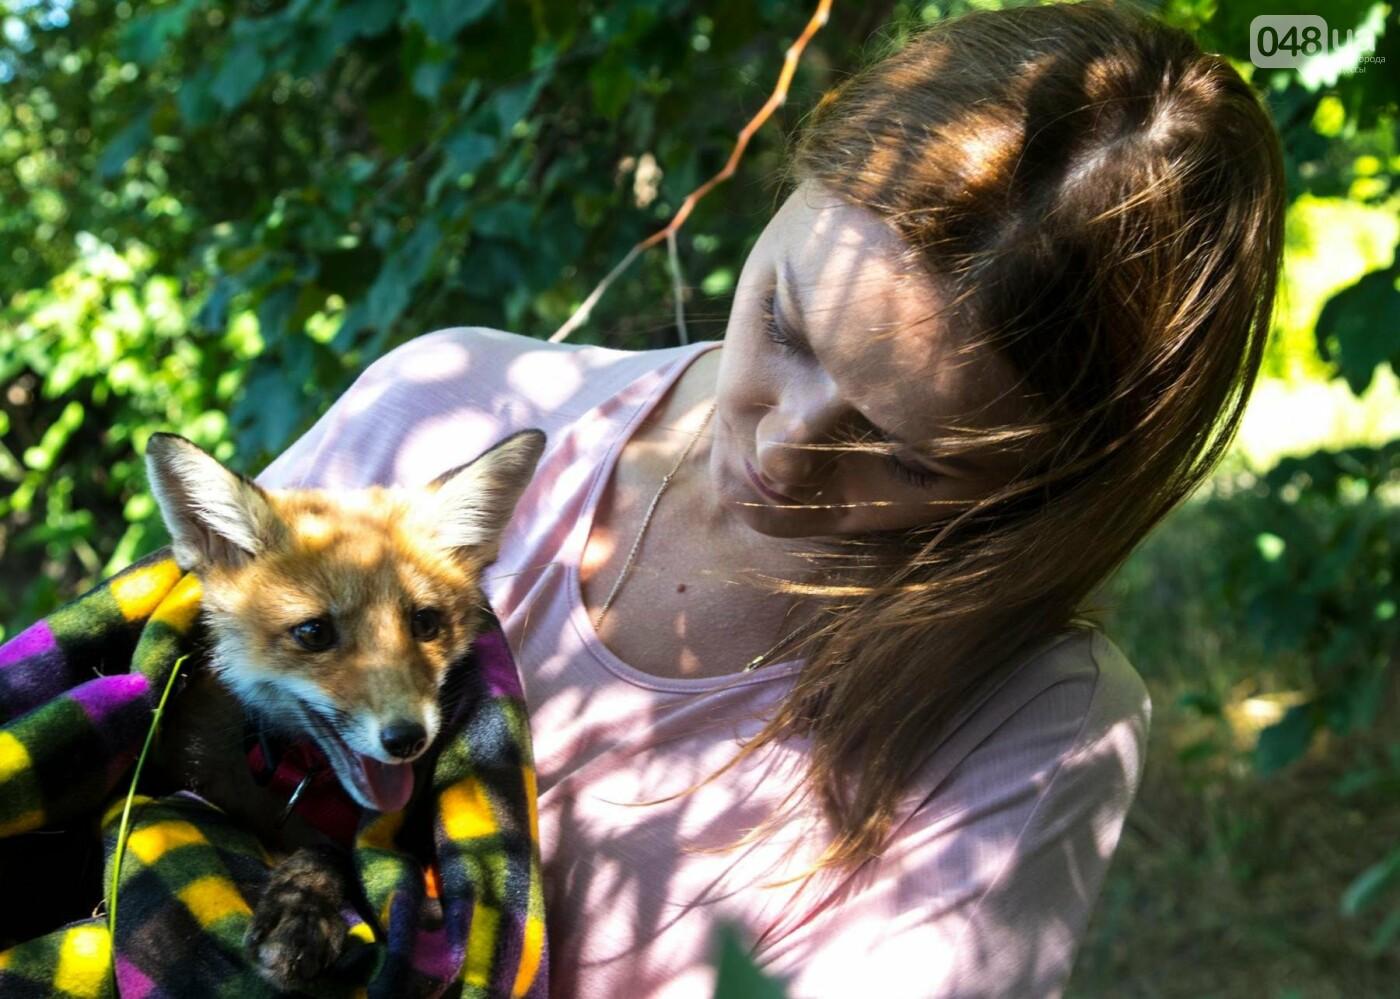 Под Одессой на волю выпустили лисенка, которого собирались отдать на растерзание собакам, - ФОТО, фото-2